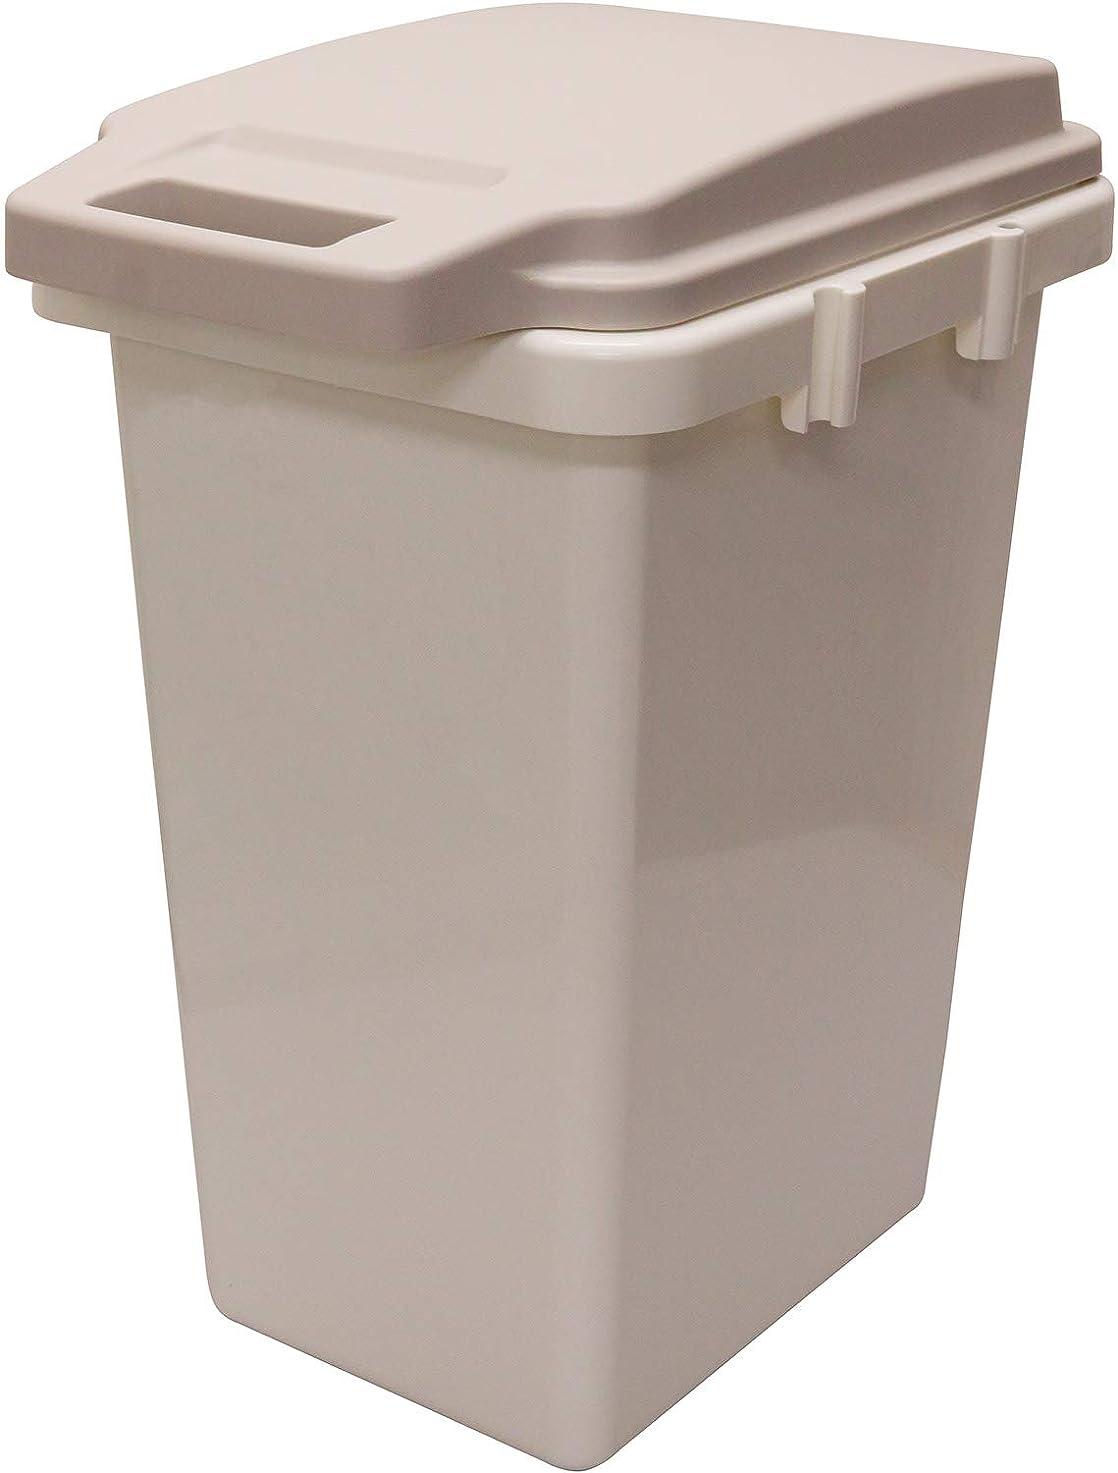 リス パッキン付きゴミ箱 ワンハンドパッキンペール 45L